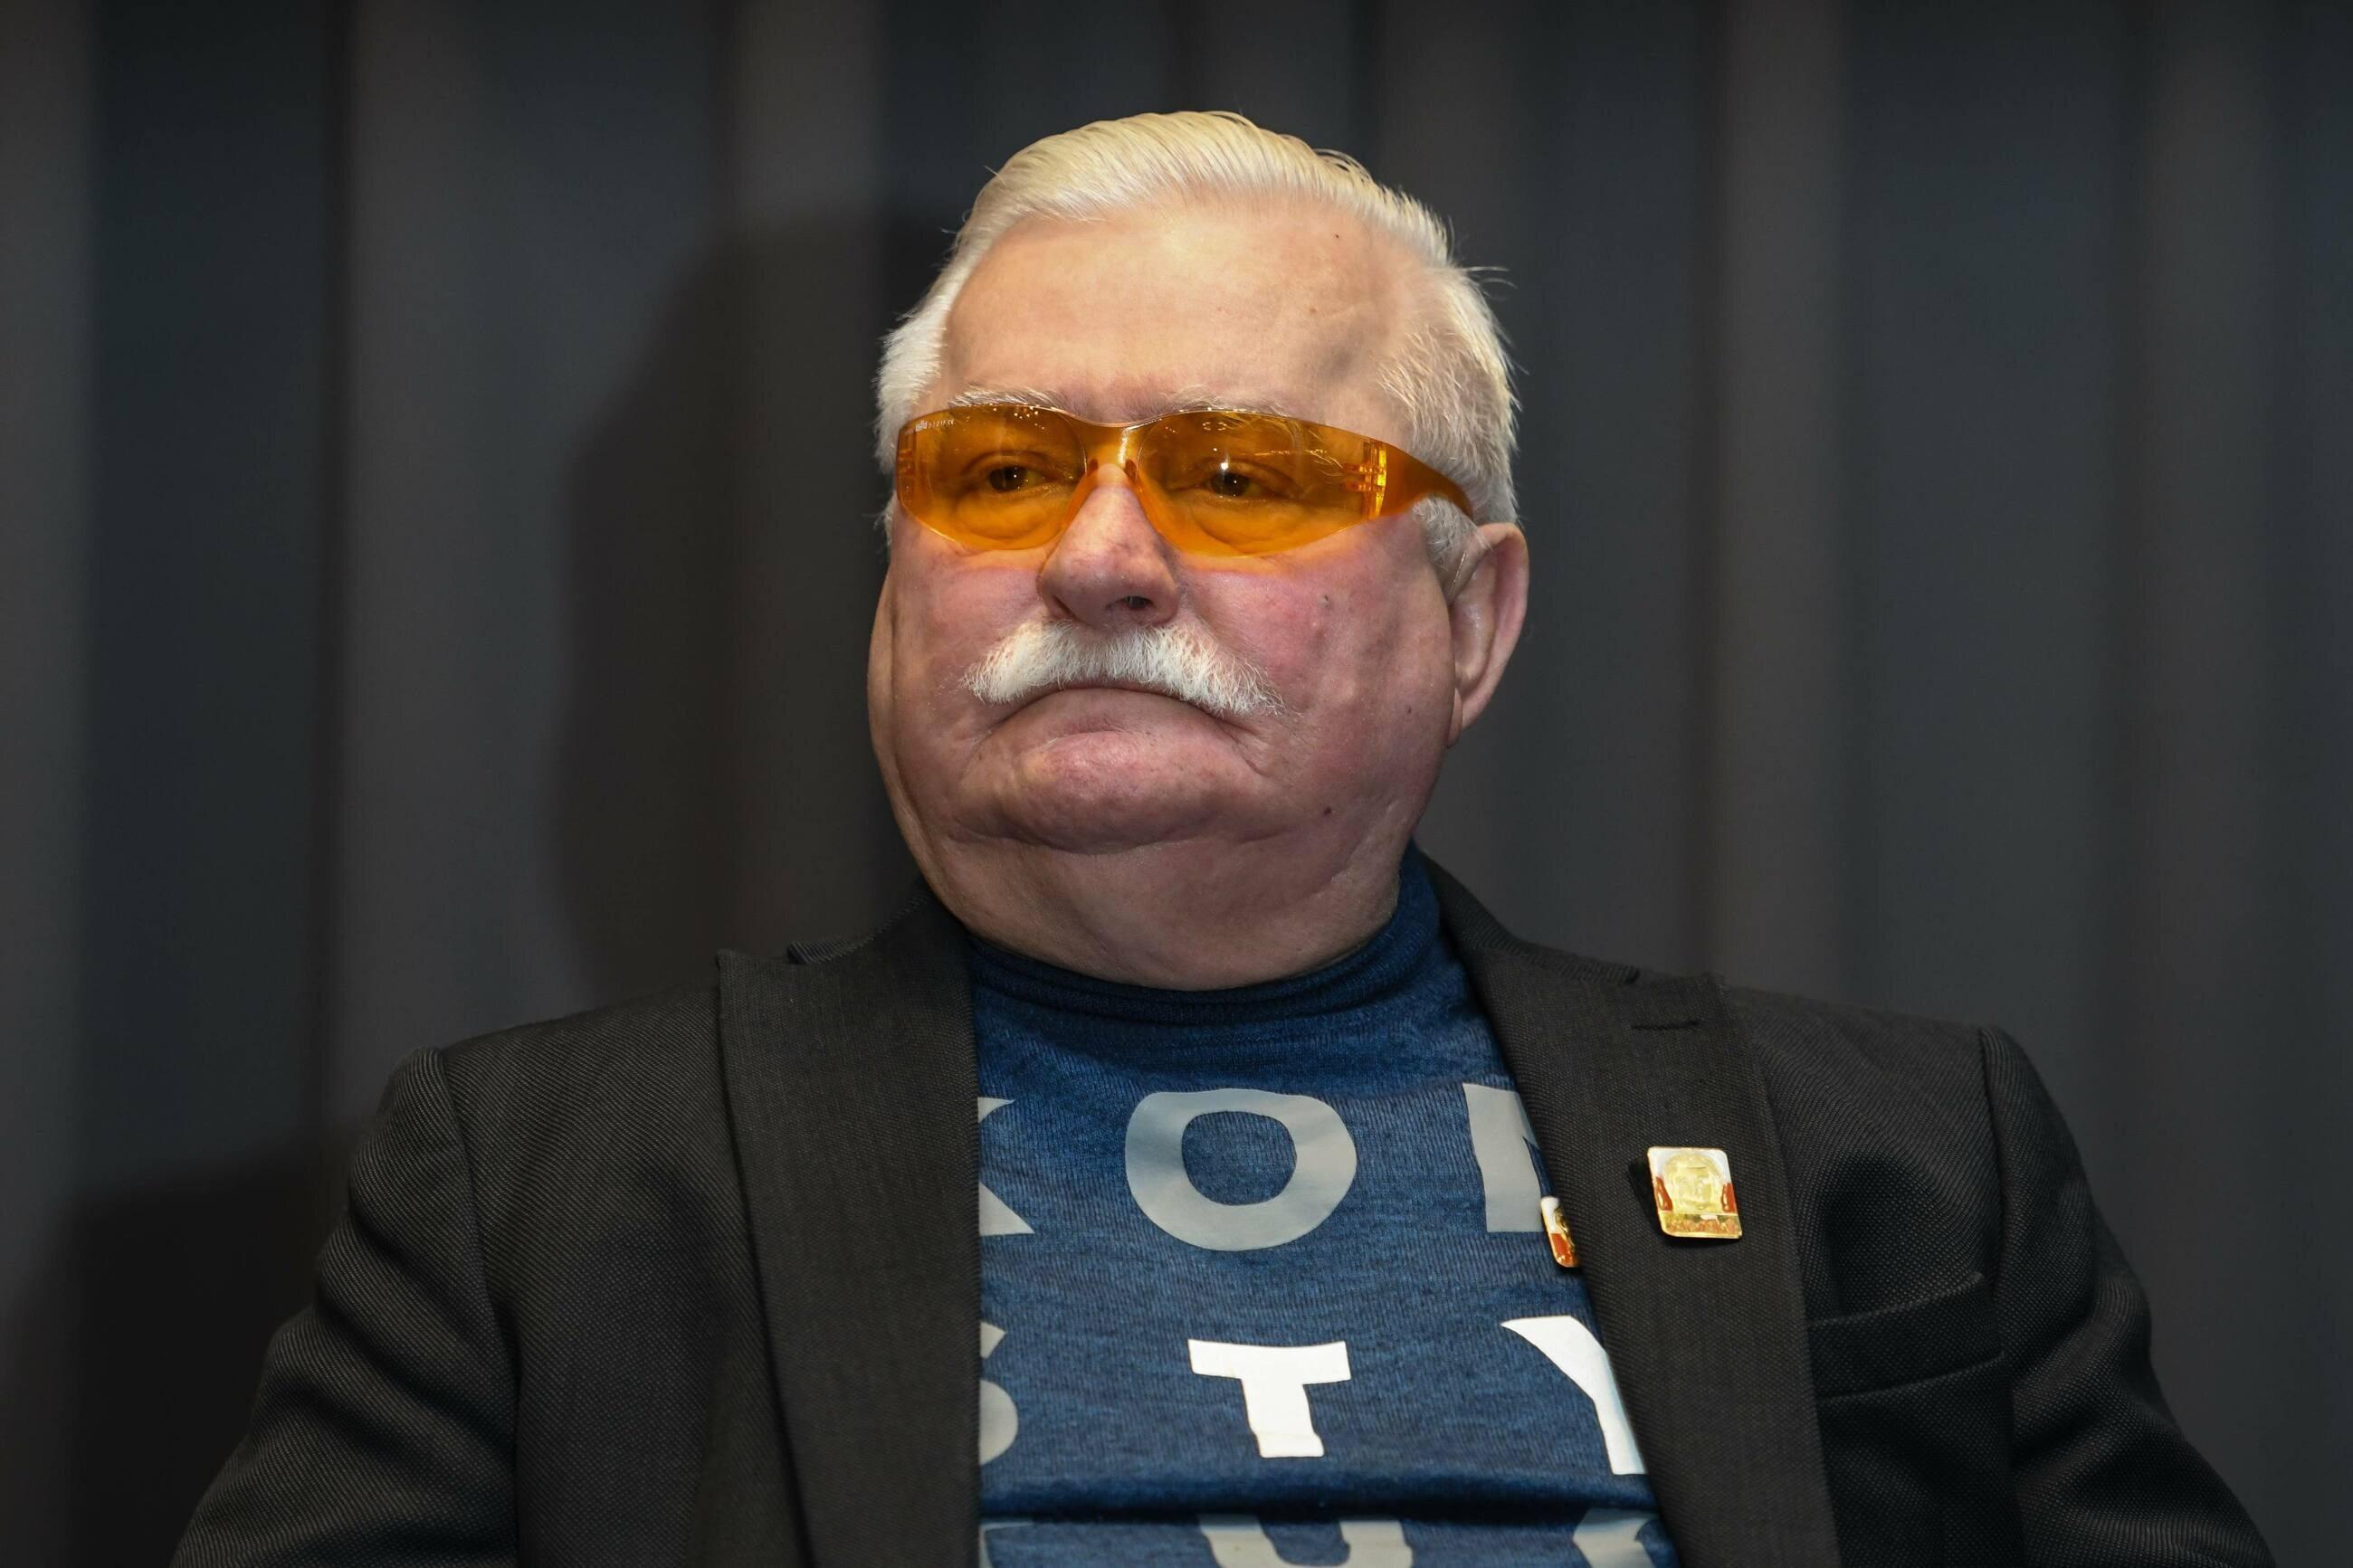 Sławomir Wałęsa mówi wprost. Rządzi mama w rodzinie Wałęsów.